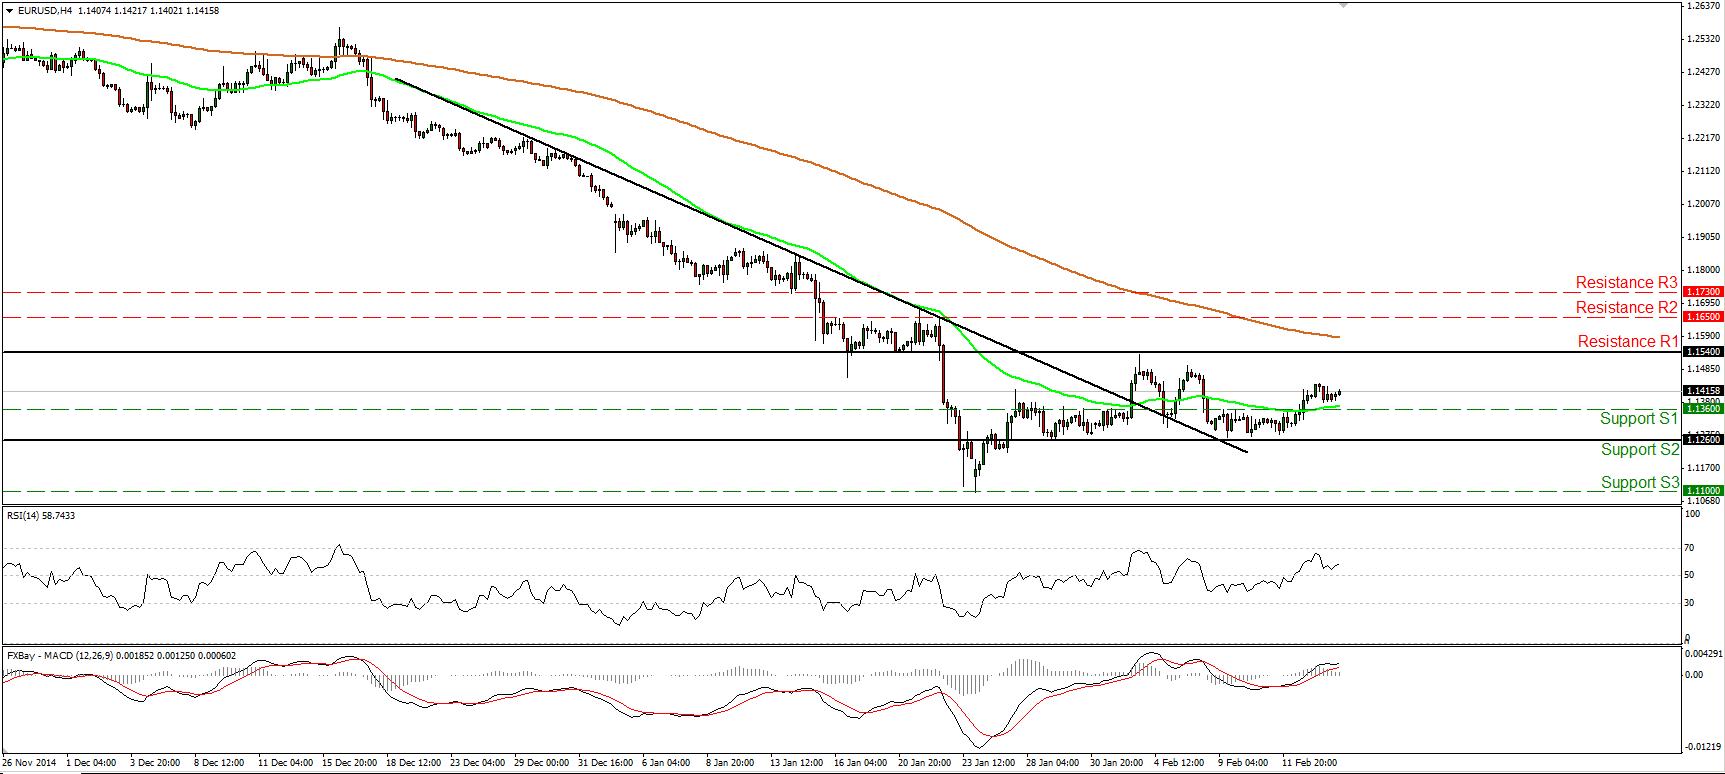 Par EUR/USD se mantiene a la expectativa ante lo que puede pasar con respecto a Grecia